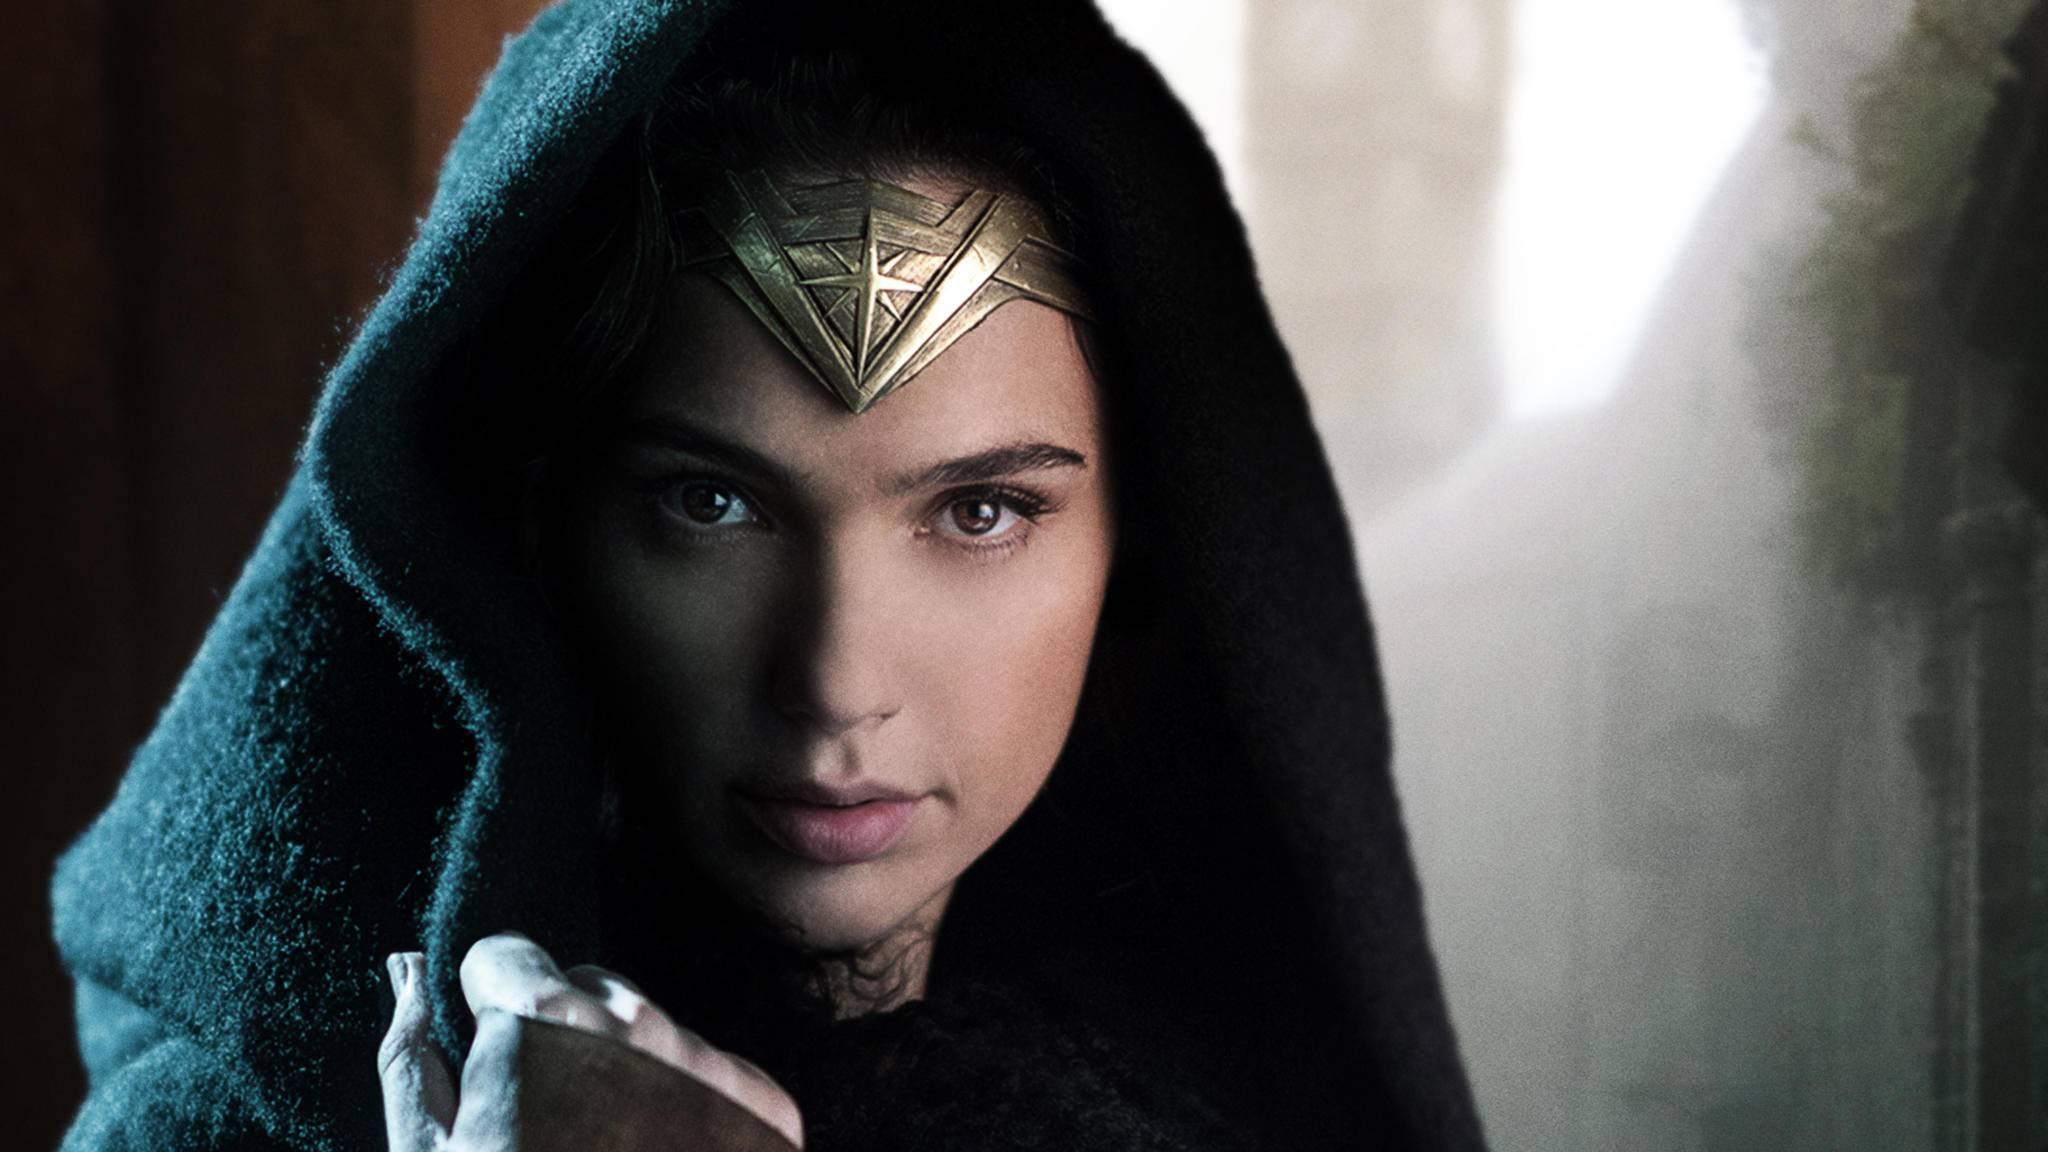 Stattet Wonder Woman Shazam 2019 einen Besuch ab?